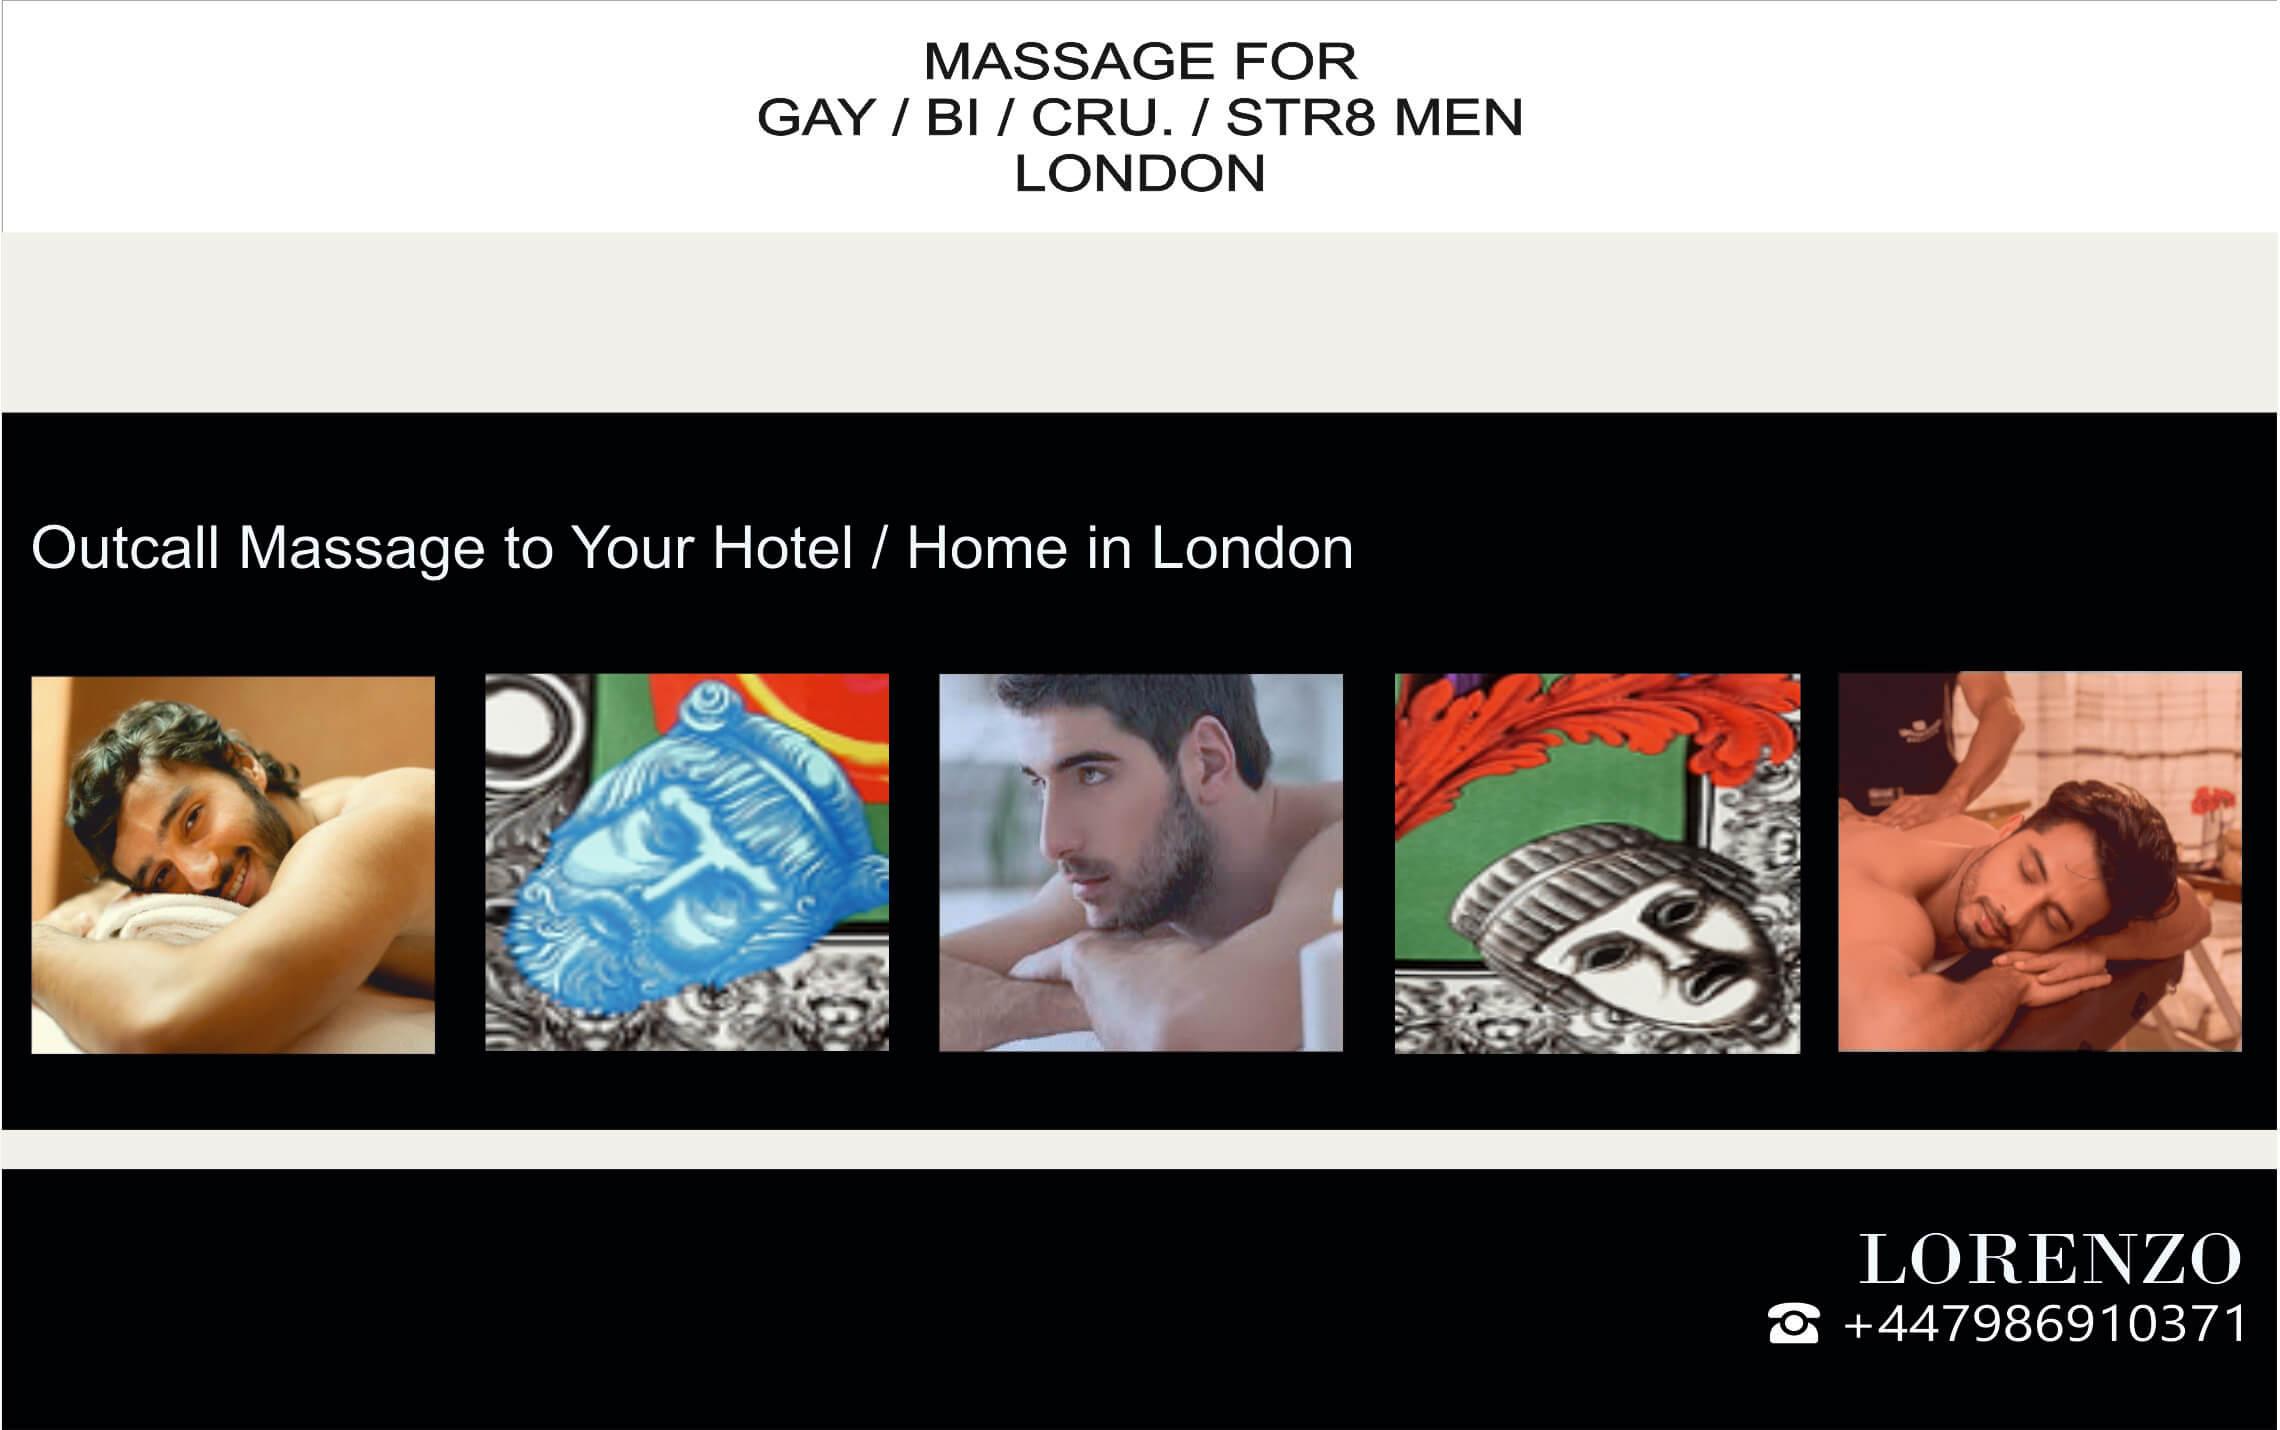 male massage london gay male massage hotel home massage visiting massage massage near me now  hour massage minute massage hotel massage london male to male massage london home massage  (1)